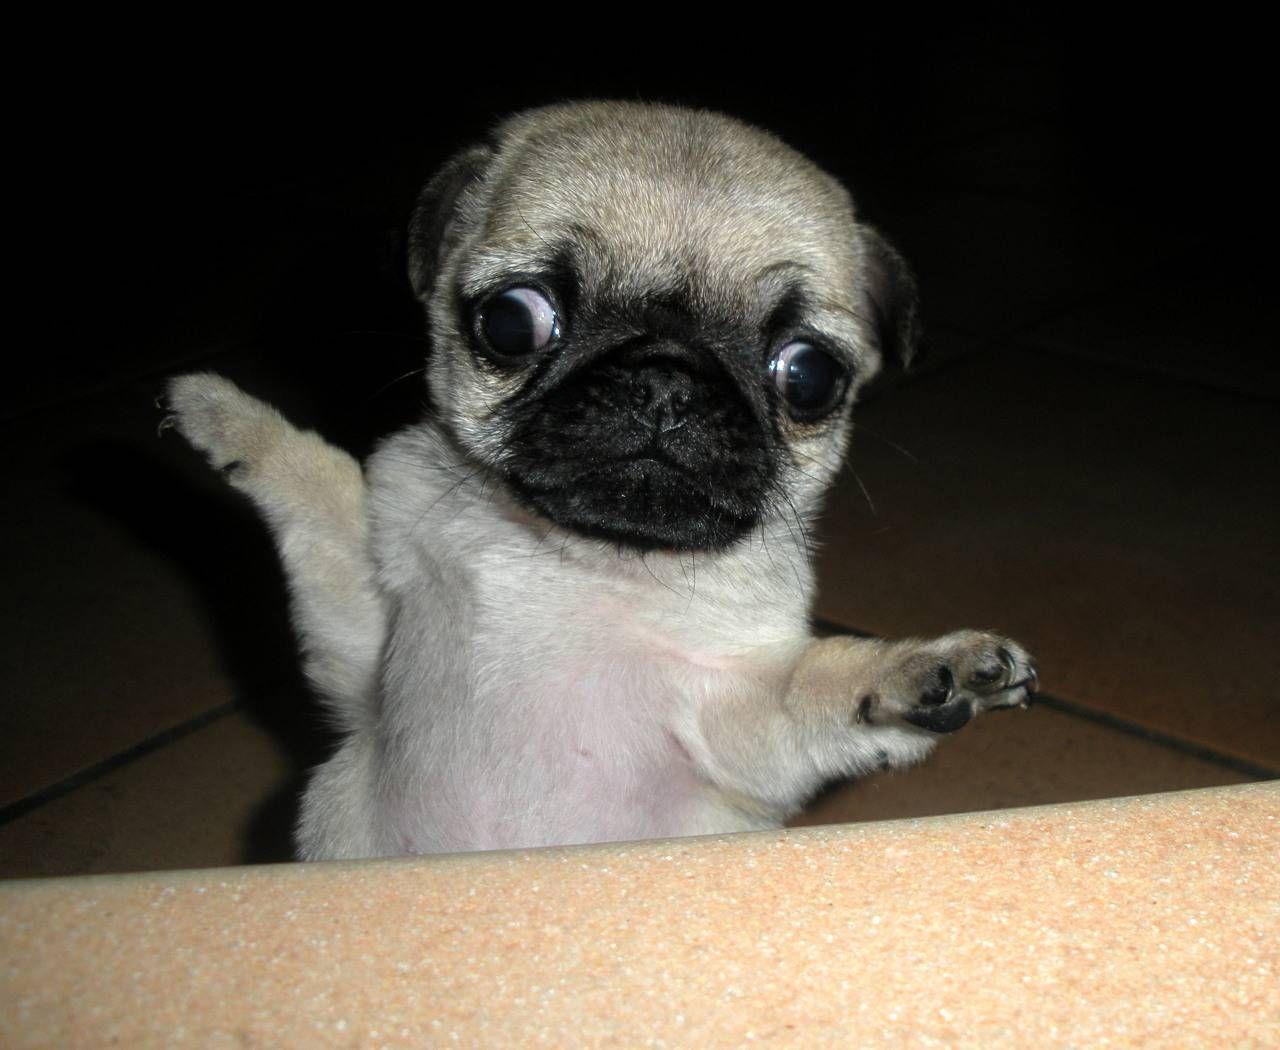 derp pug wallpaper, | stuff | pinterest | pug wallpaper, dog